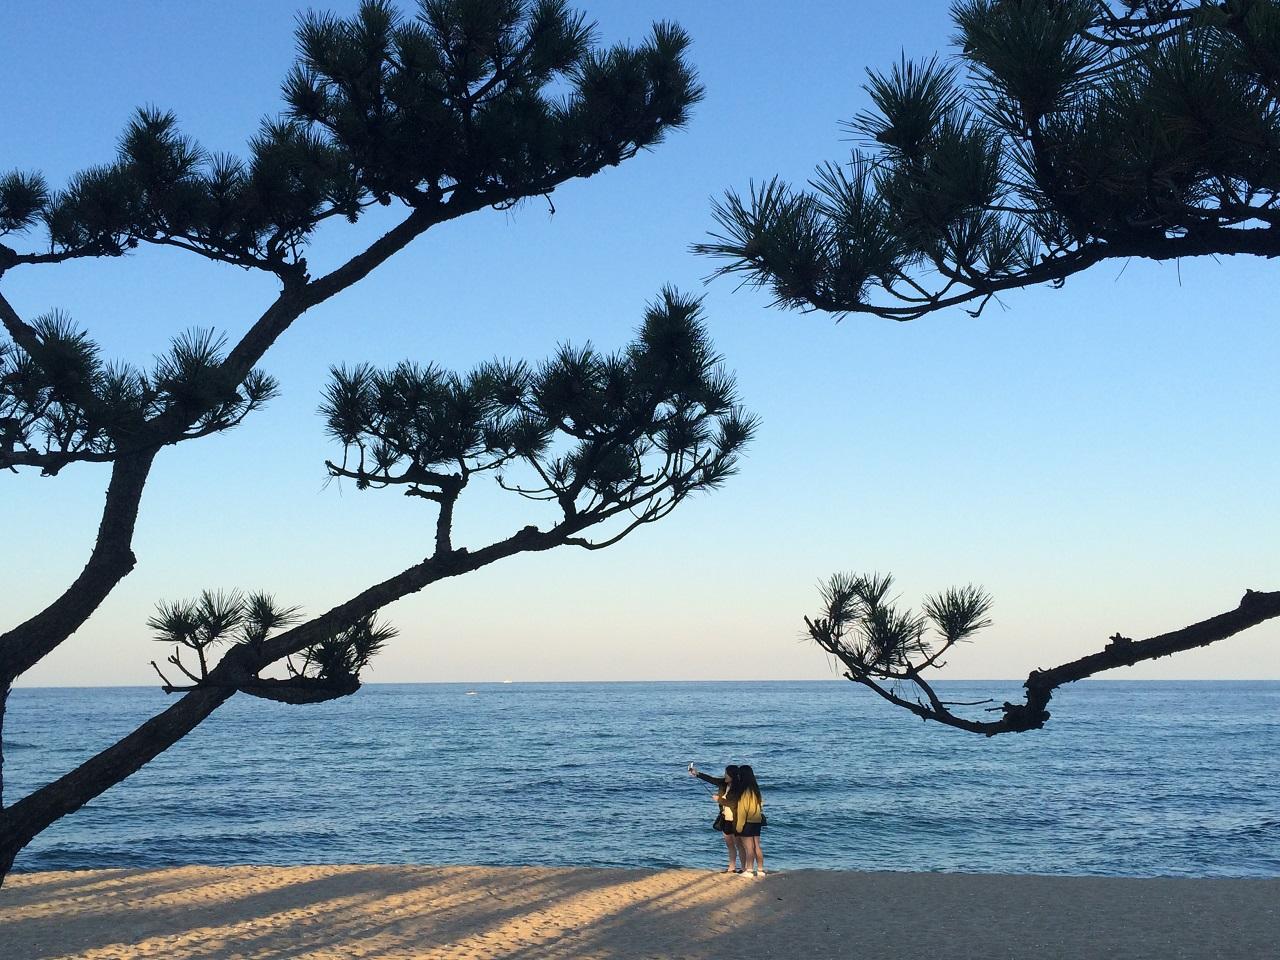 바다를 지키는 소나무 강릉에서는 바다내음과 솔향을 같이 맡을 수 있다.